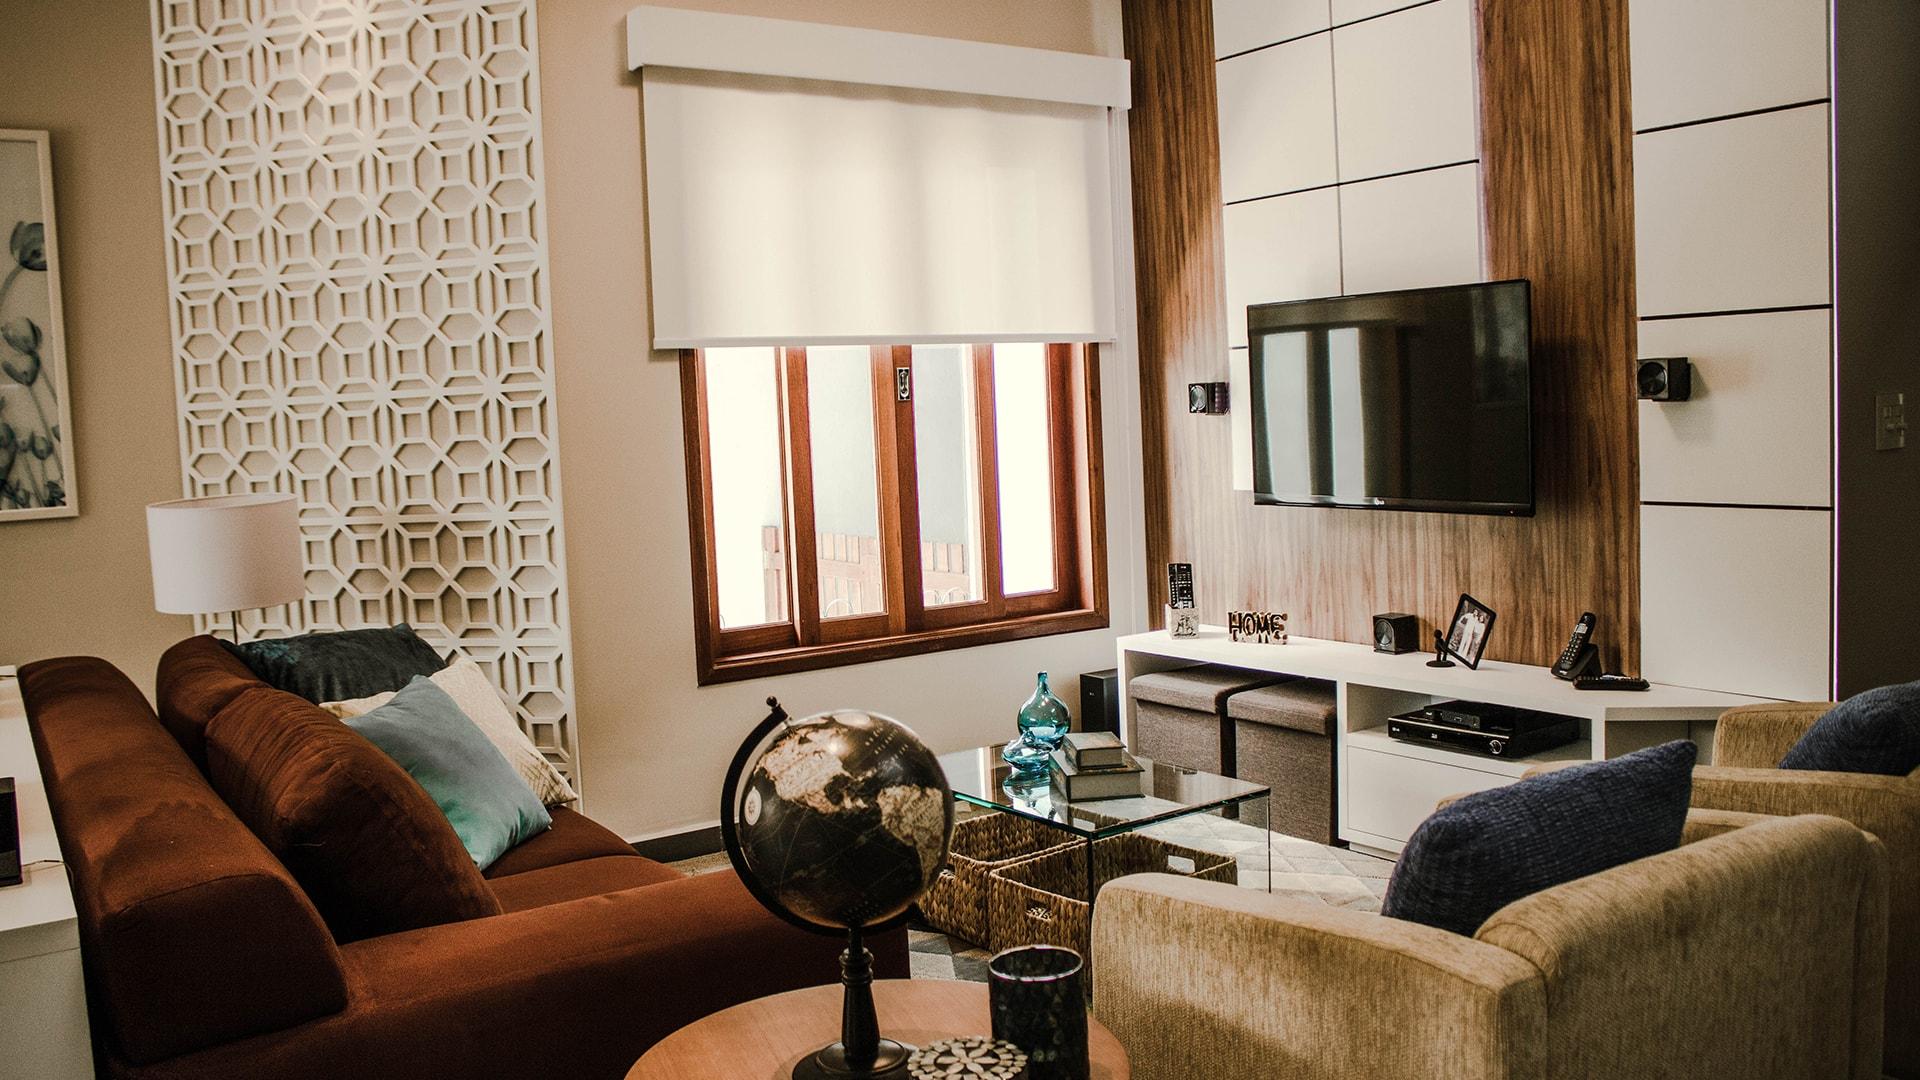 Residencial - 42m² - Vila Verde - Itapevi - SP